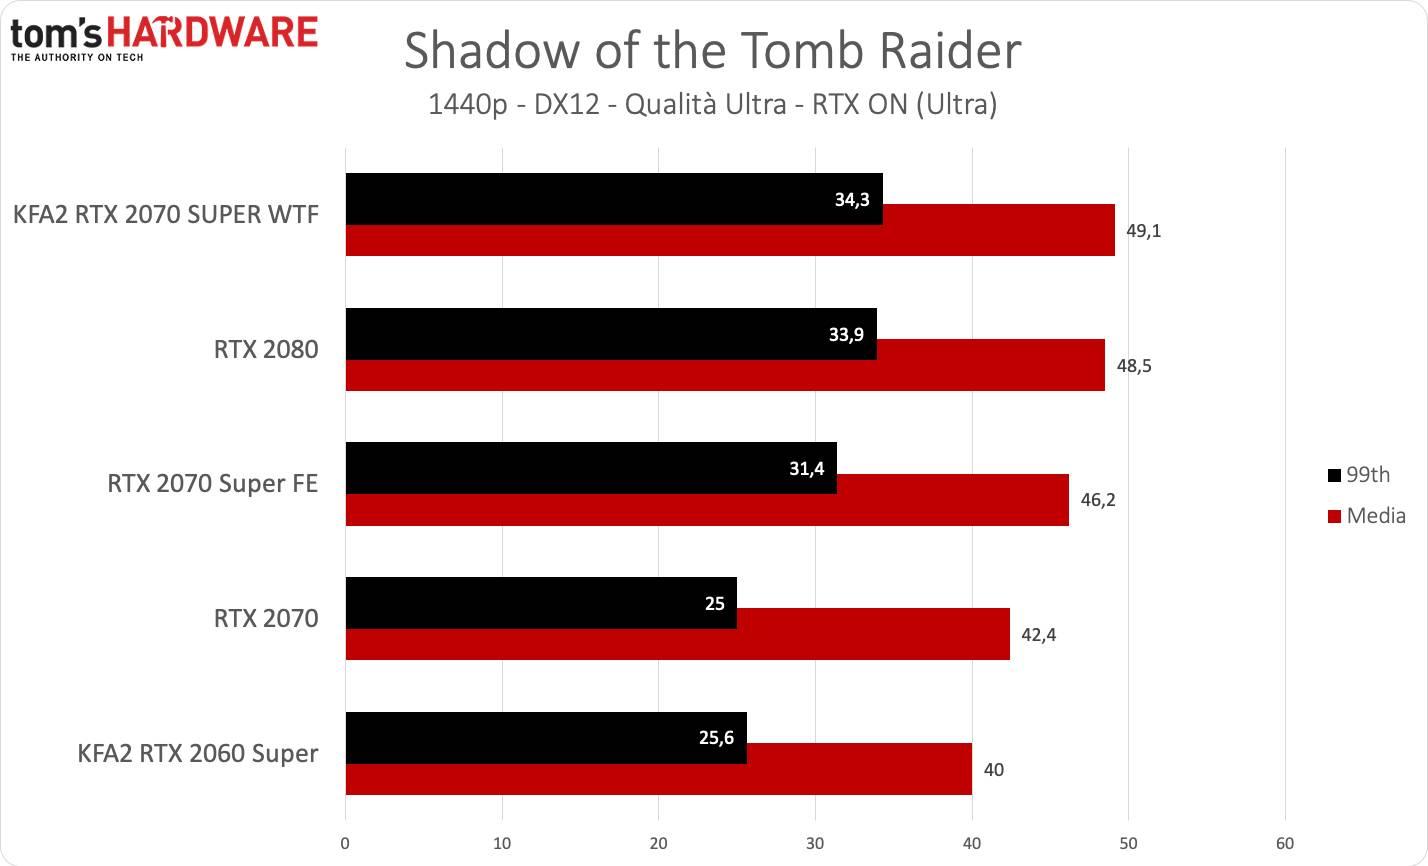 KFA2 RTX 2070 SUPER WTF - Tomb Raider QHD RTX